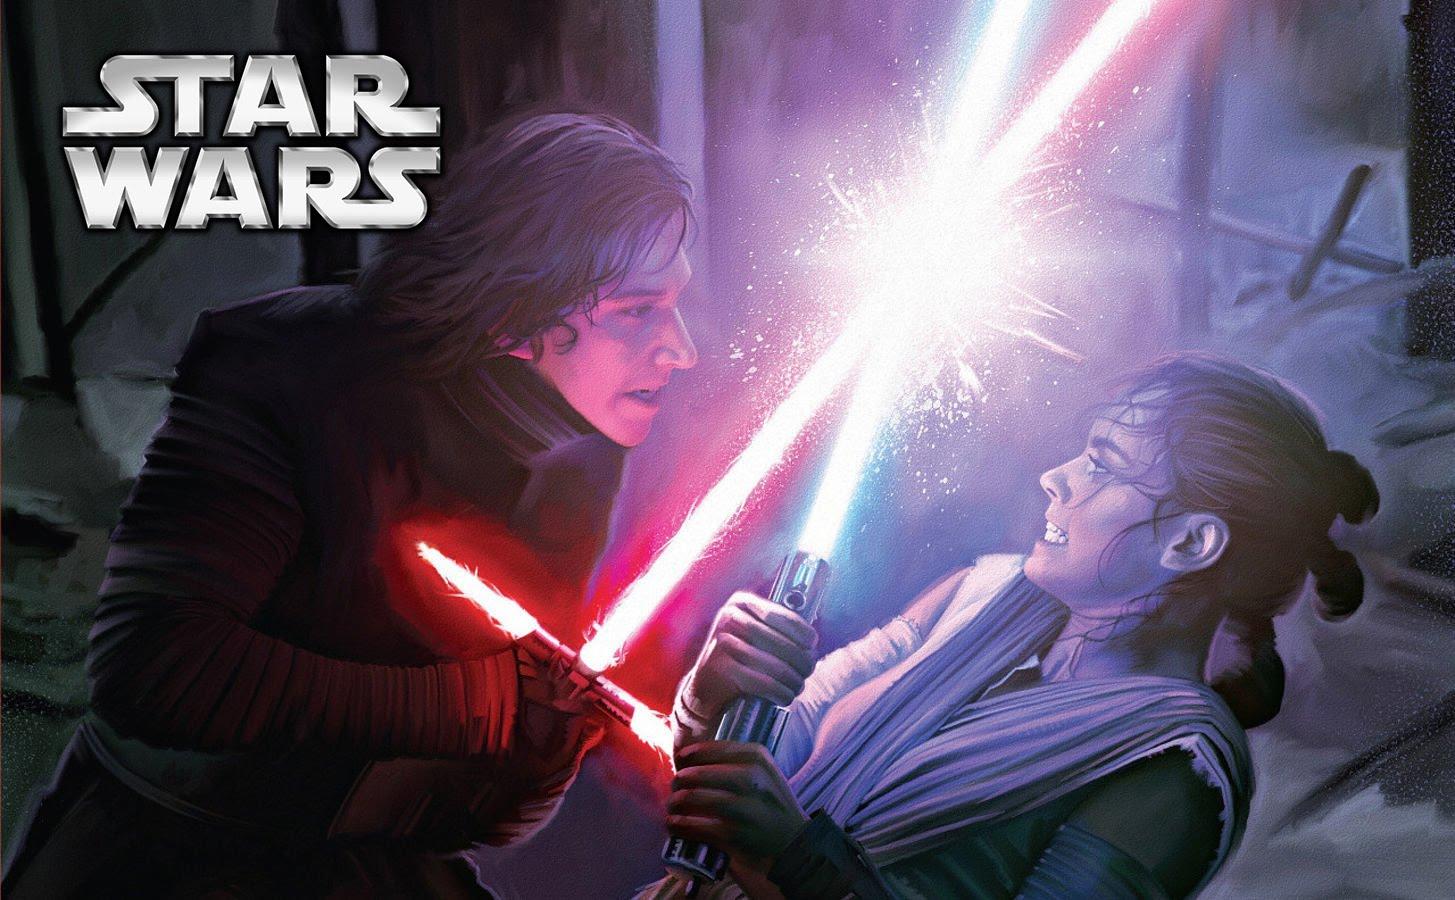 Rey Vs Kylo Ren A Heroine S Journey Star Wars Episode Viii Spoilers